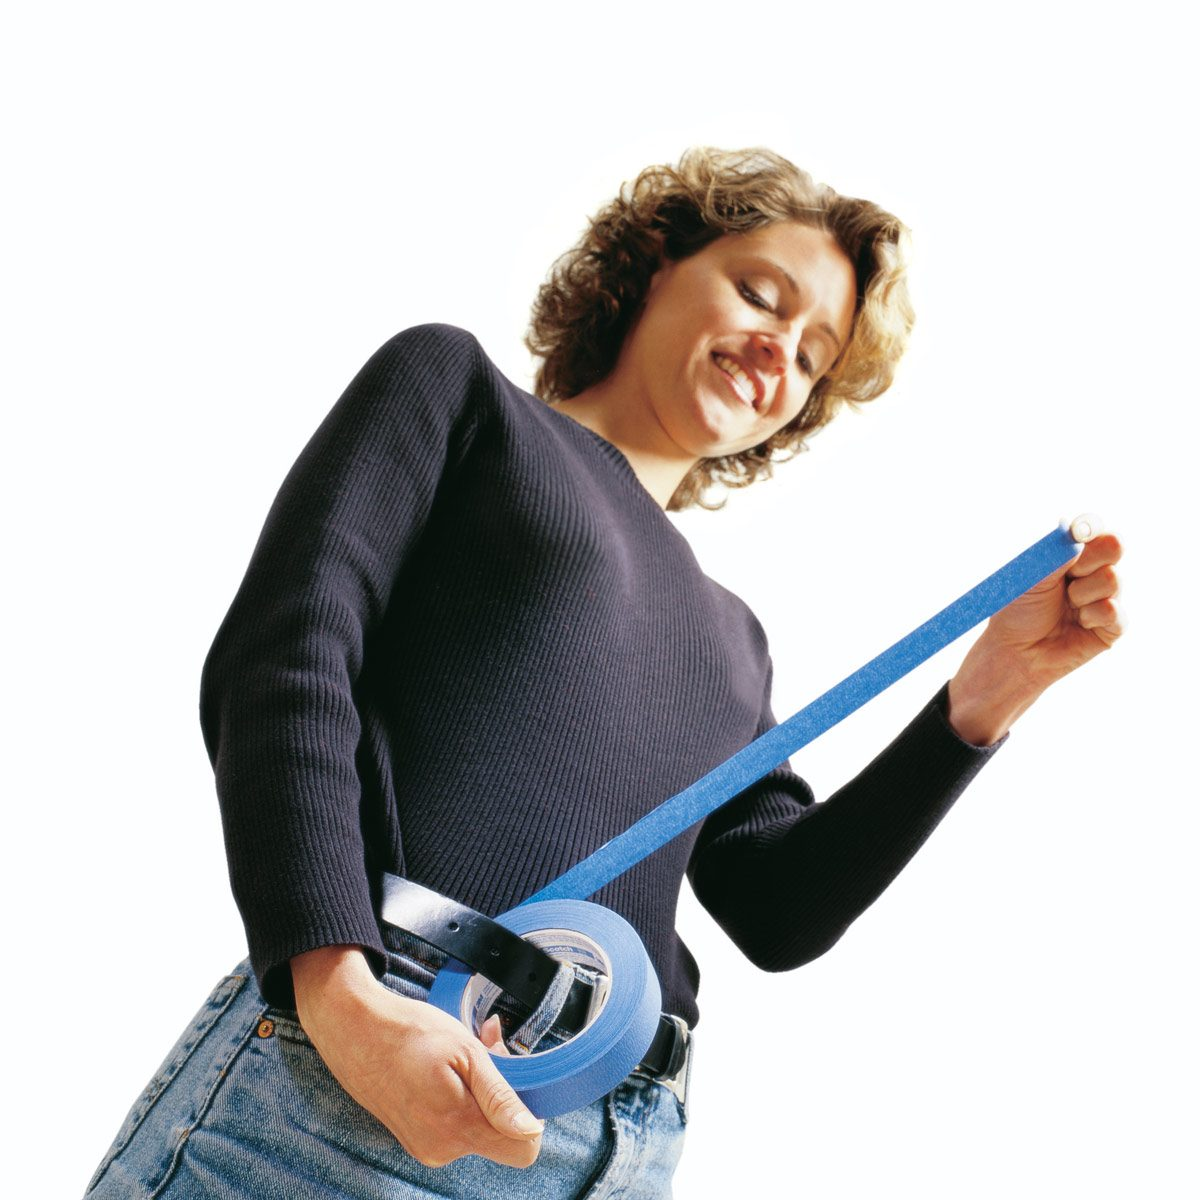 Belt Mounted Tape Dispenser The Family Handyman